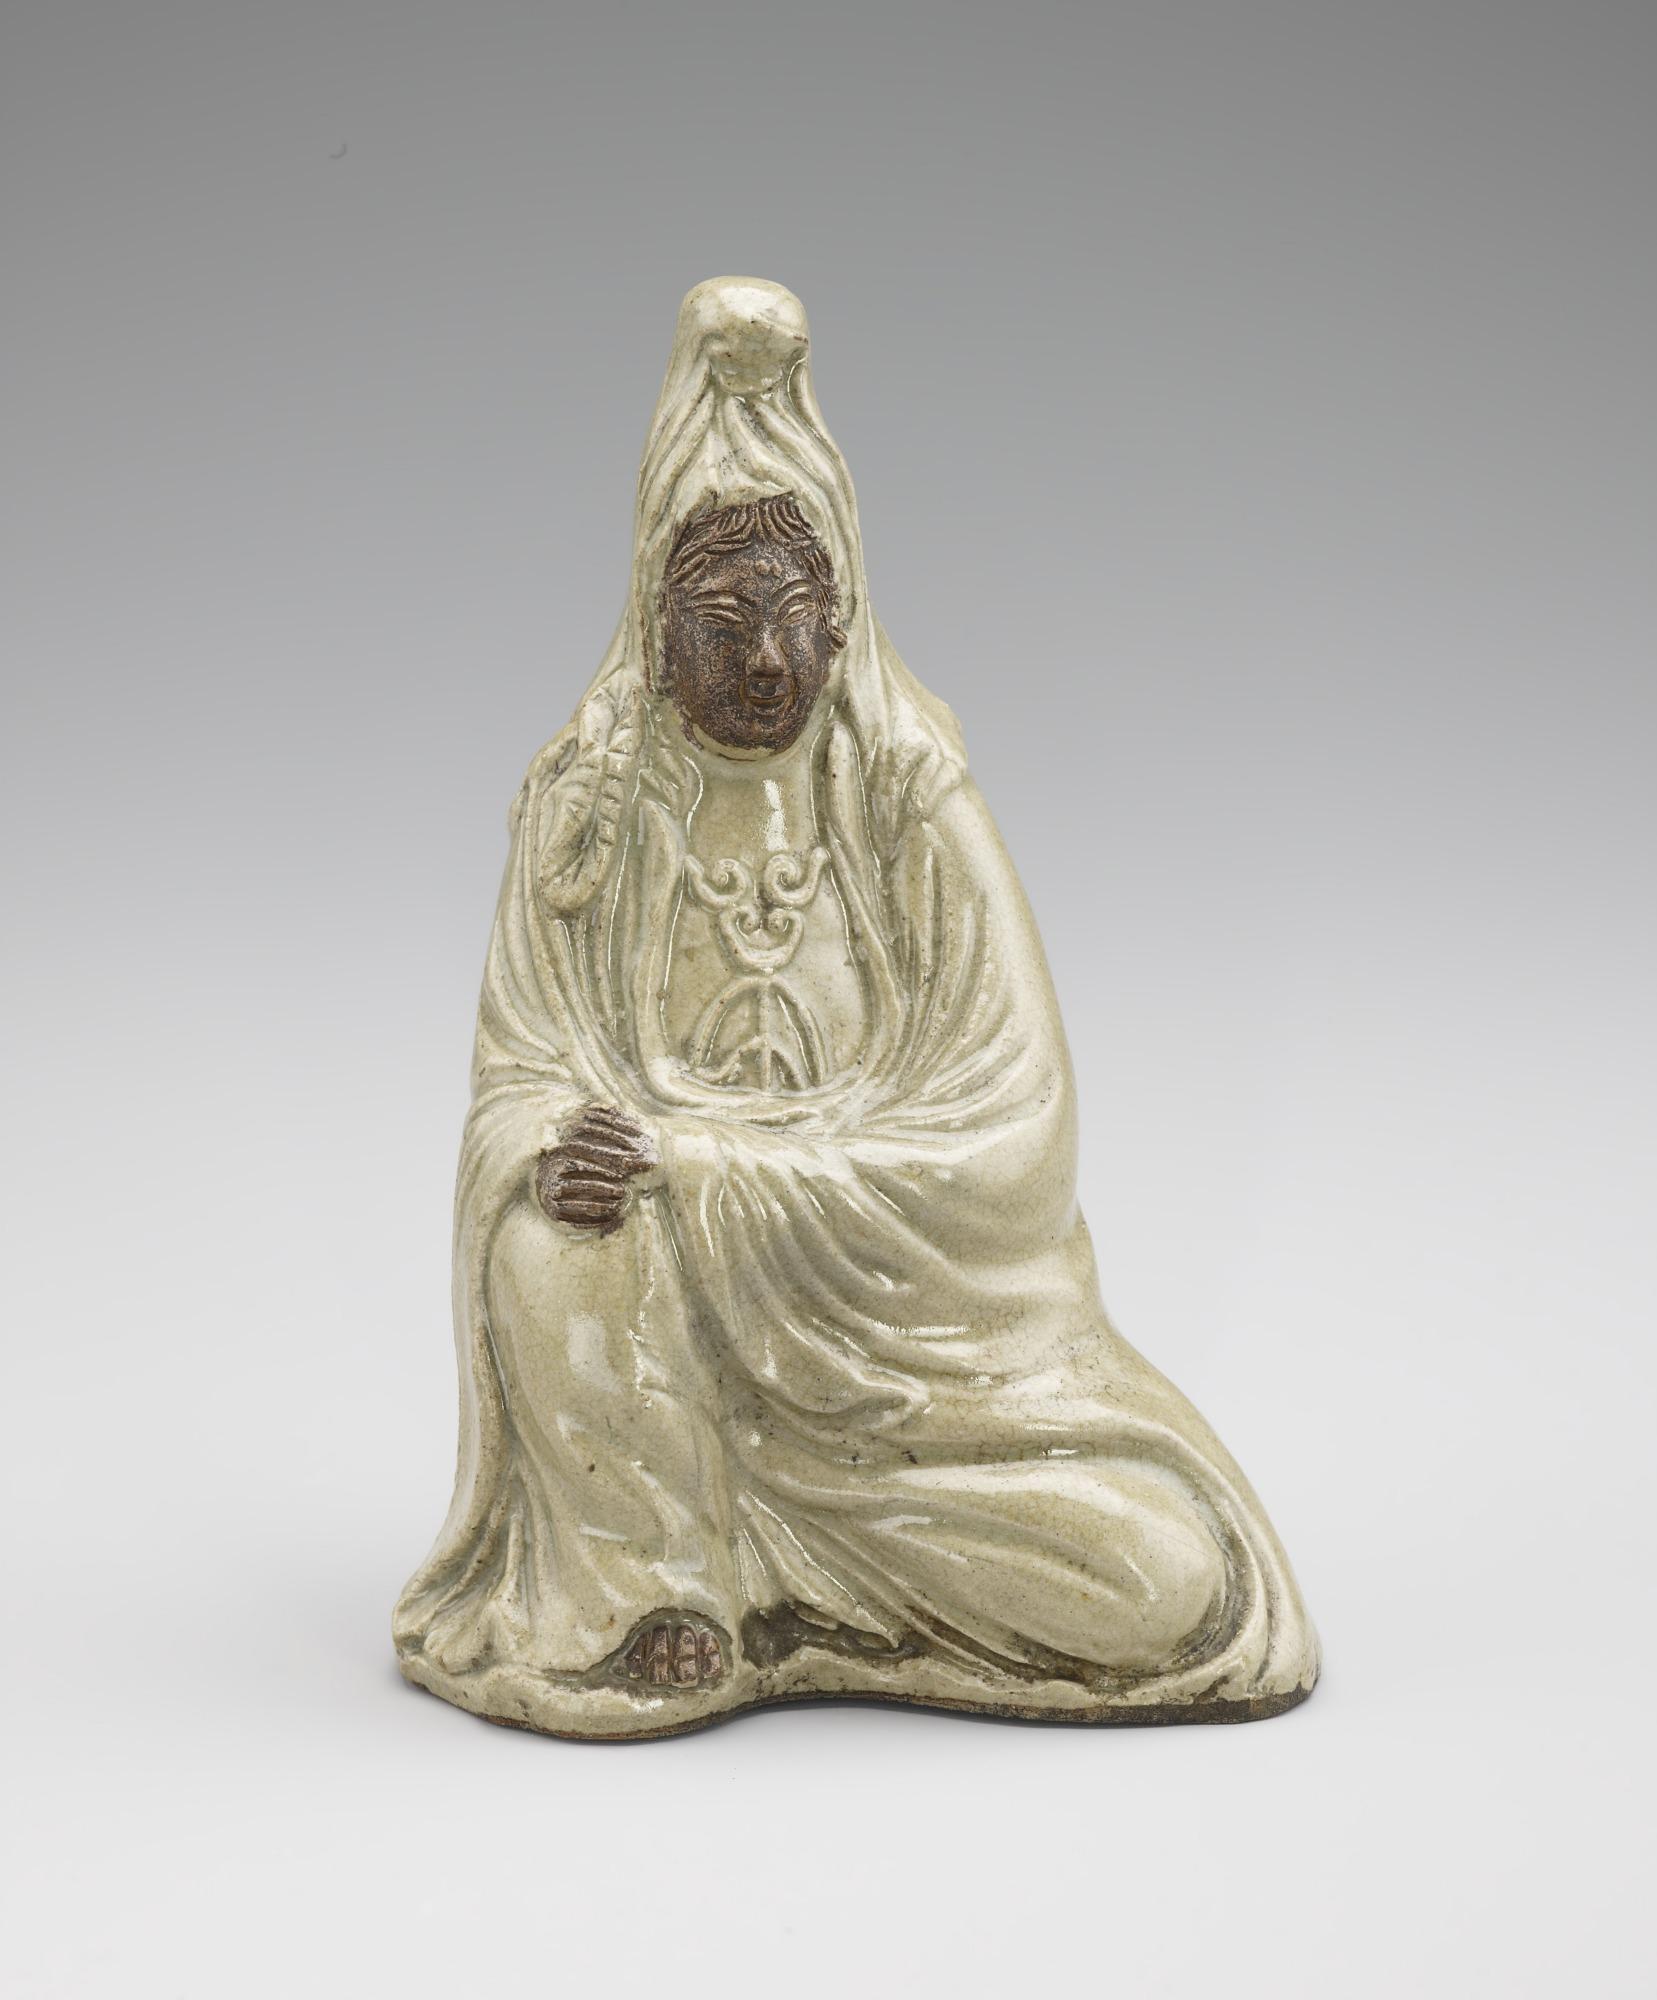 Figure of Suigetsu Kannon